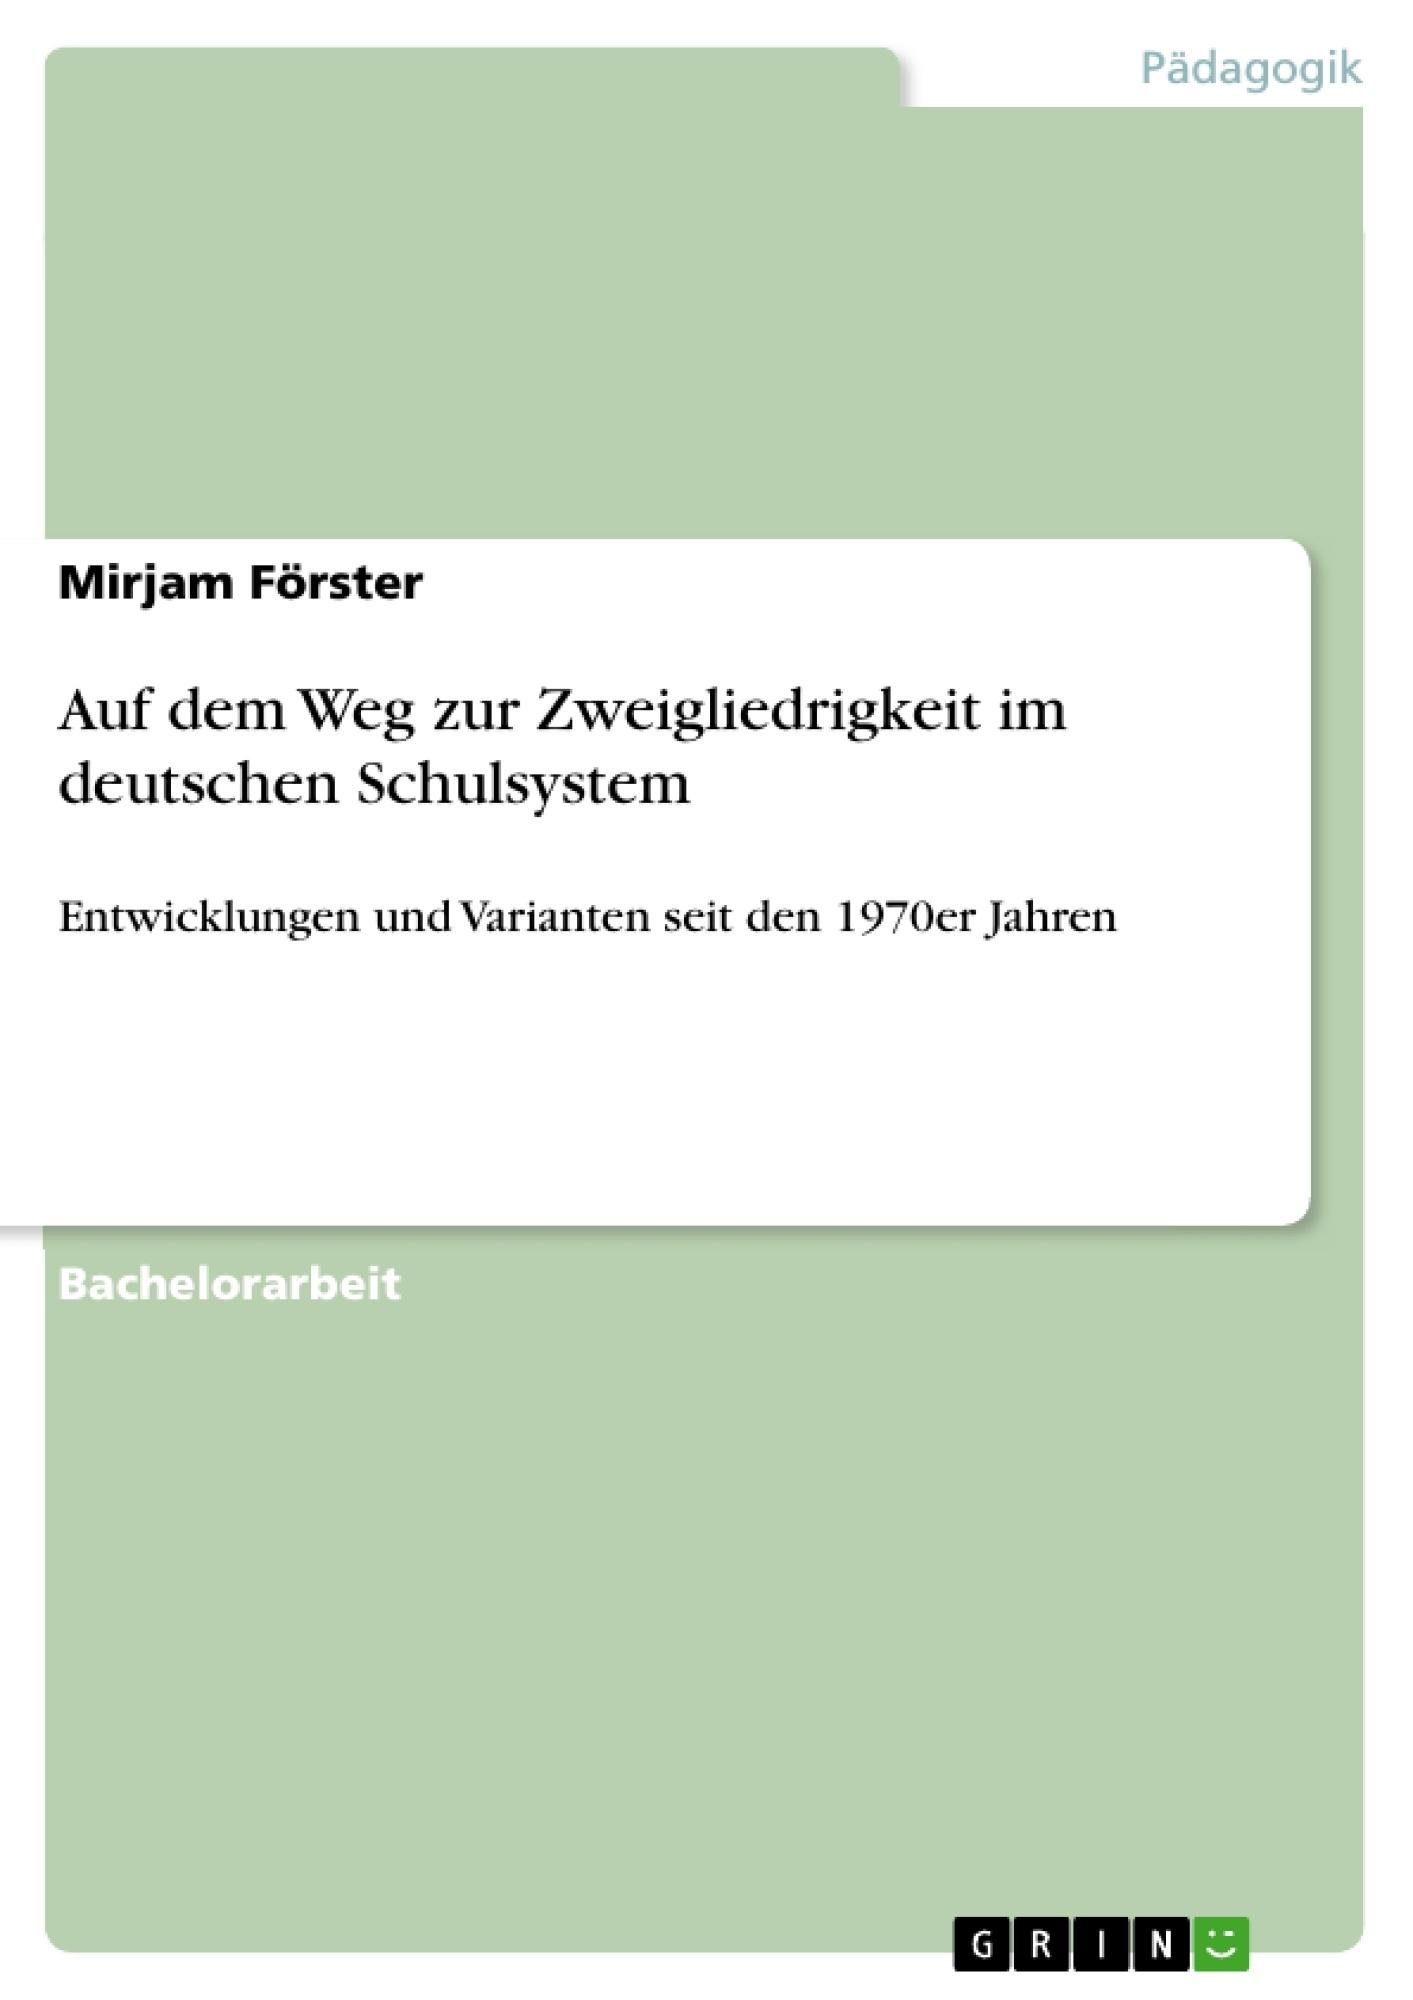 Titel: Auf dem Weg zur Zweigliedrigkeit im deutschen Schulsystem